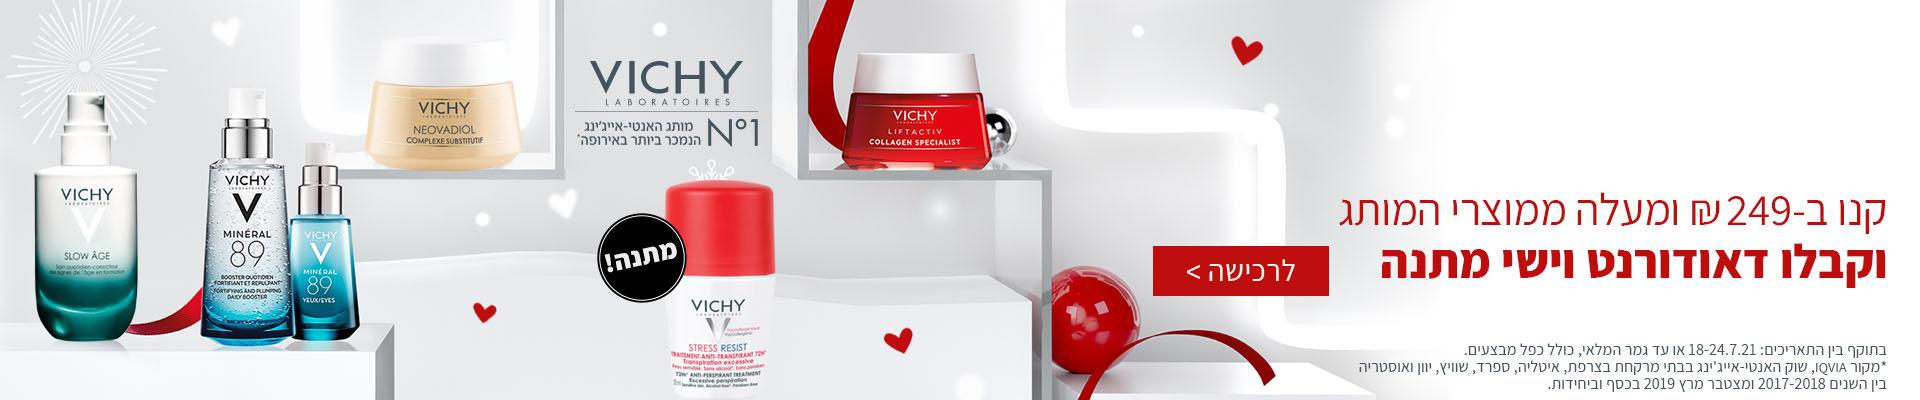 קנו ב249 ₪ ממגוון מוצרי VICHY וקבלו דאודורנט וישי מתנה. בתוקף עד 24.7.21 באונליין בלבד. בכפוף למלאי הקיים בסניפי האונליין. לרכישה >>